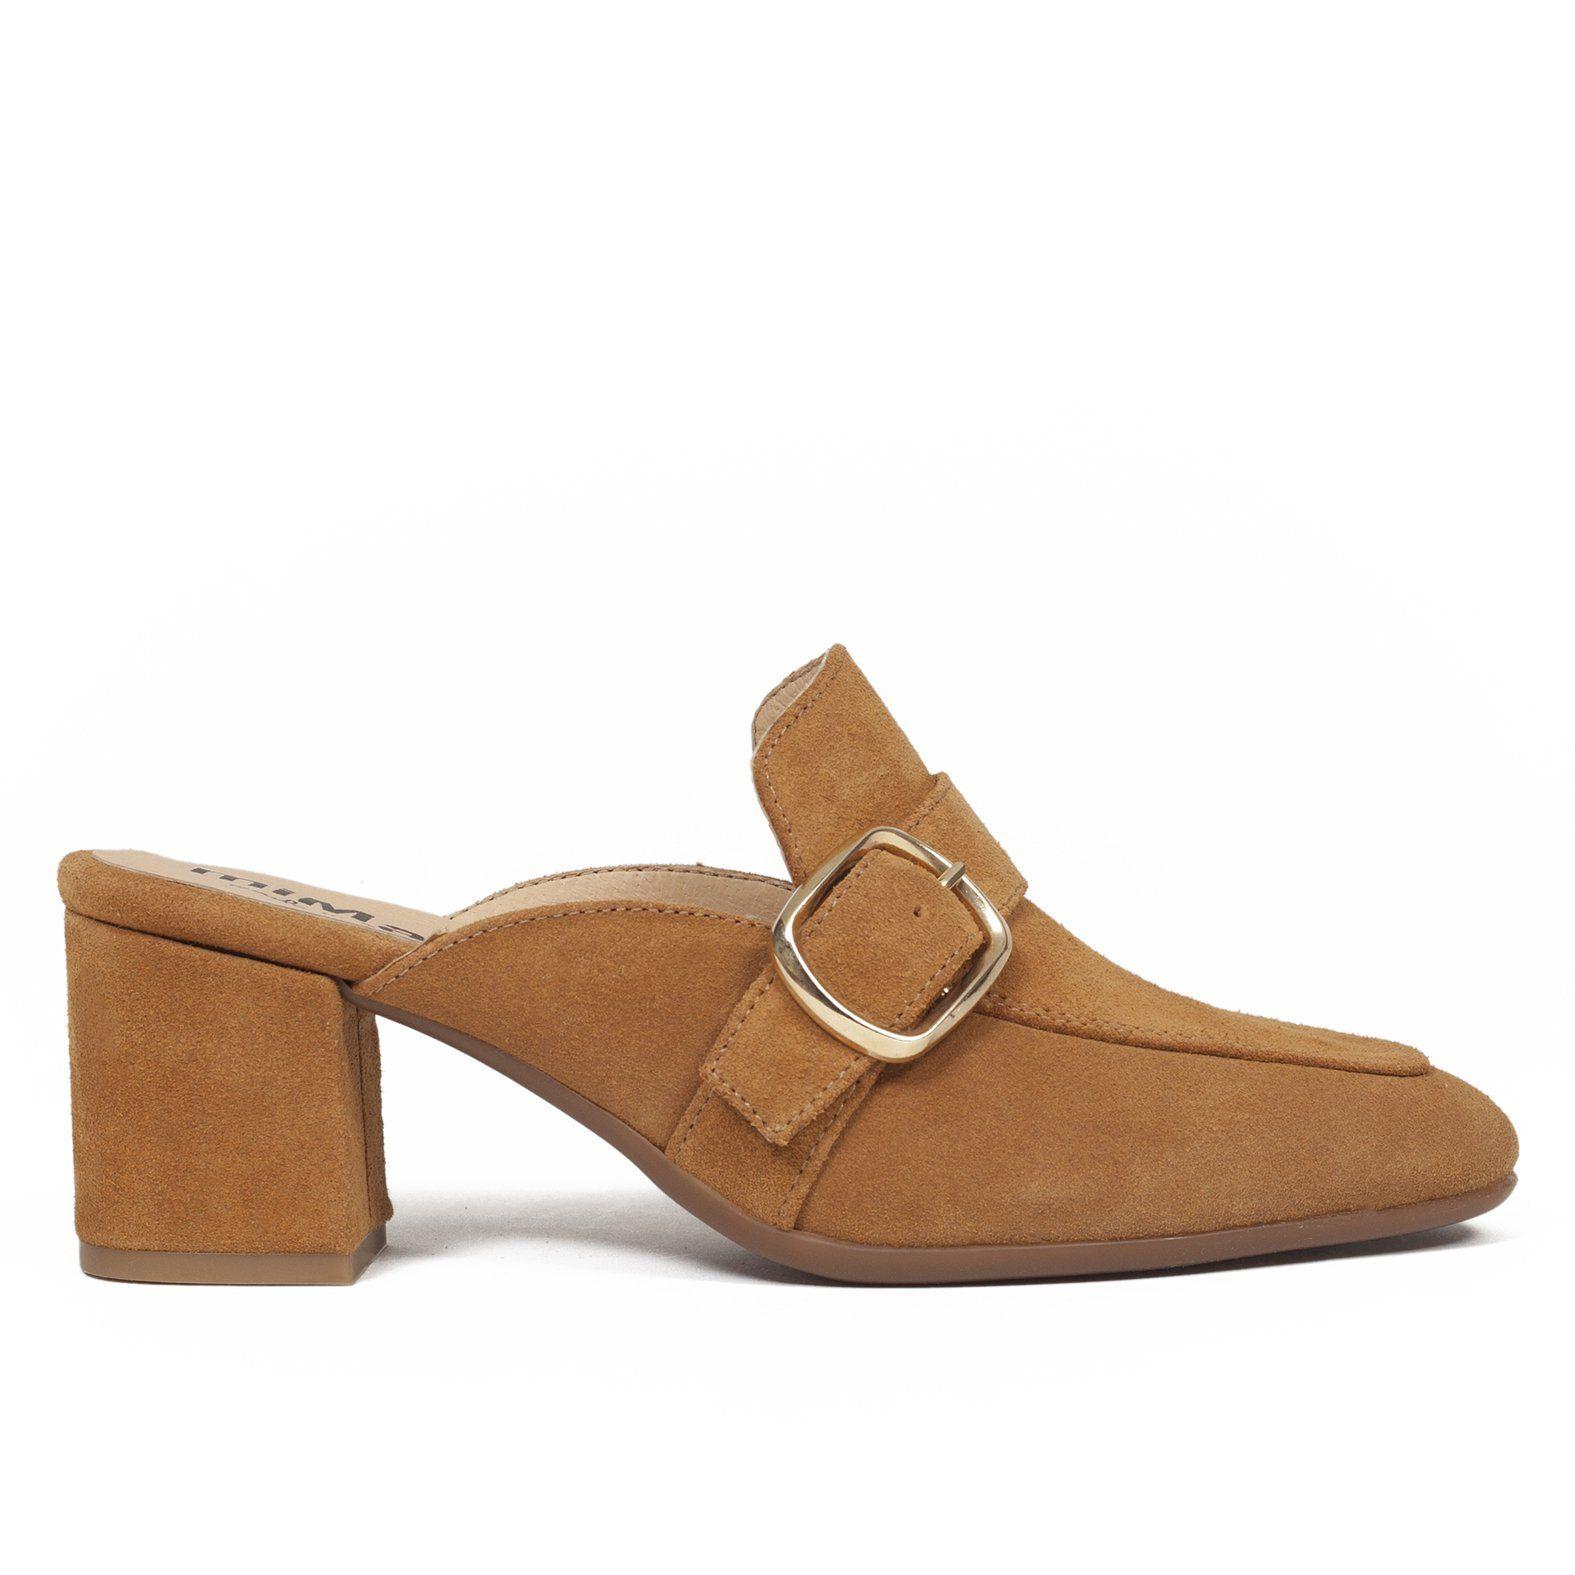 Catálogo de calzado de mujer miMaO   EFE Blog